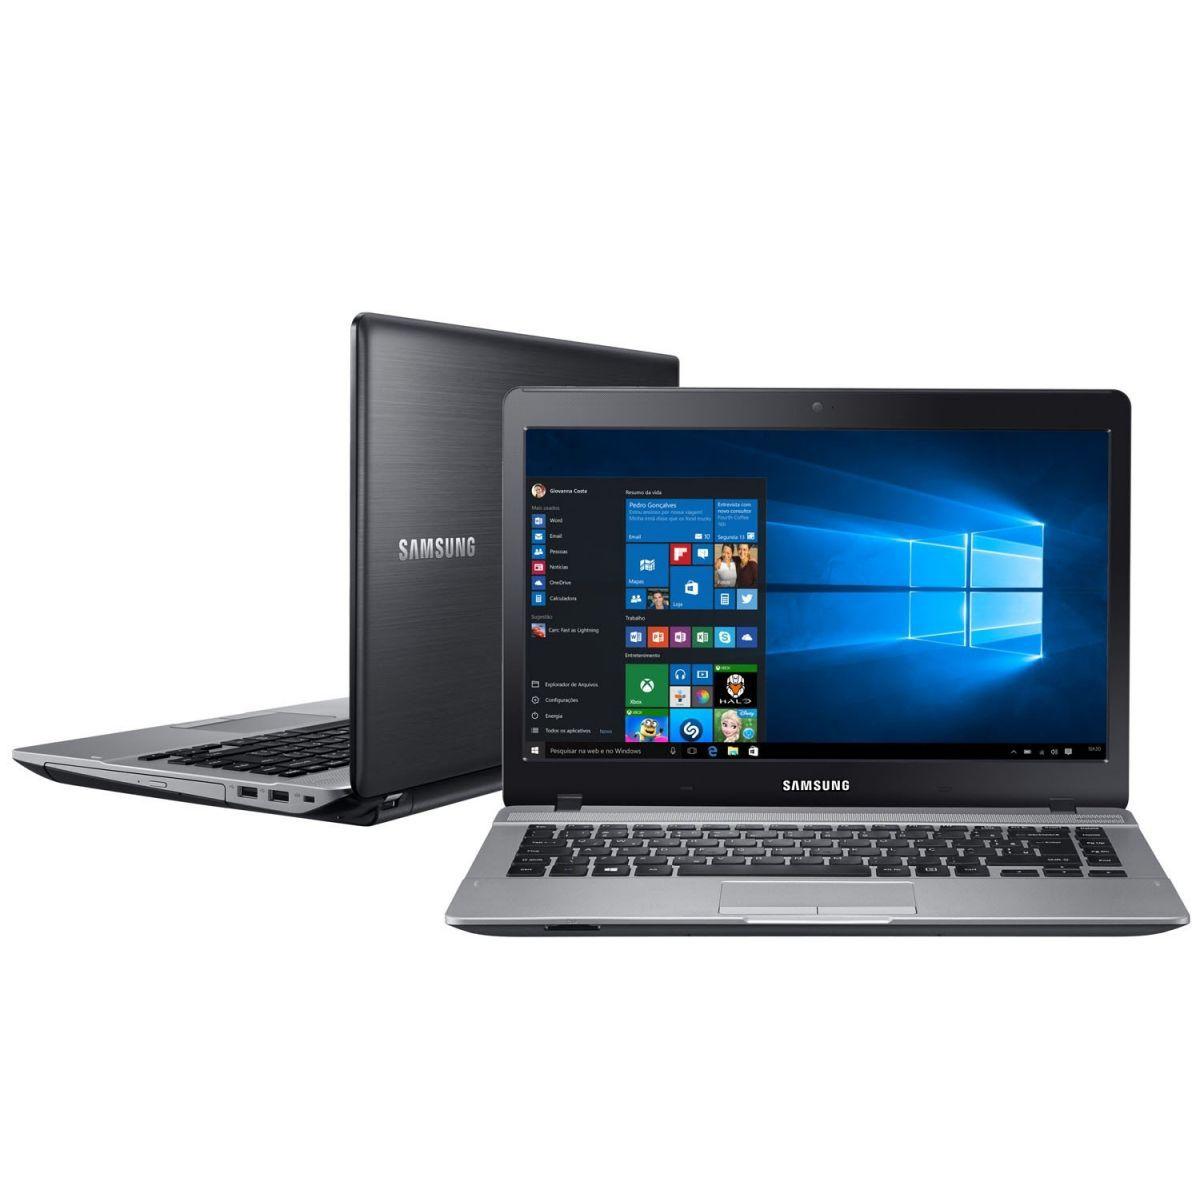 """Notebook Samsung Essentials E31 NP370E4K - Intel Core i3 , 4GB de Memória, HD de 1TB, Bluetooth, HDMI, Tela LED de 14"""" Windows 10 (showroom)"""